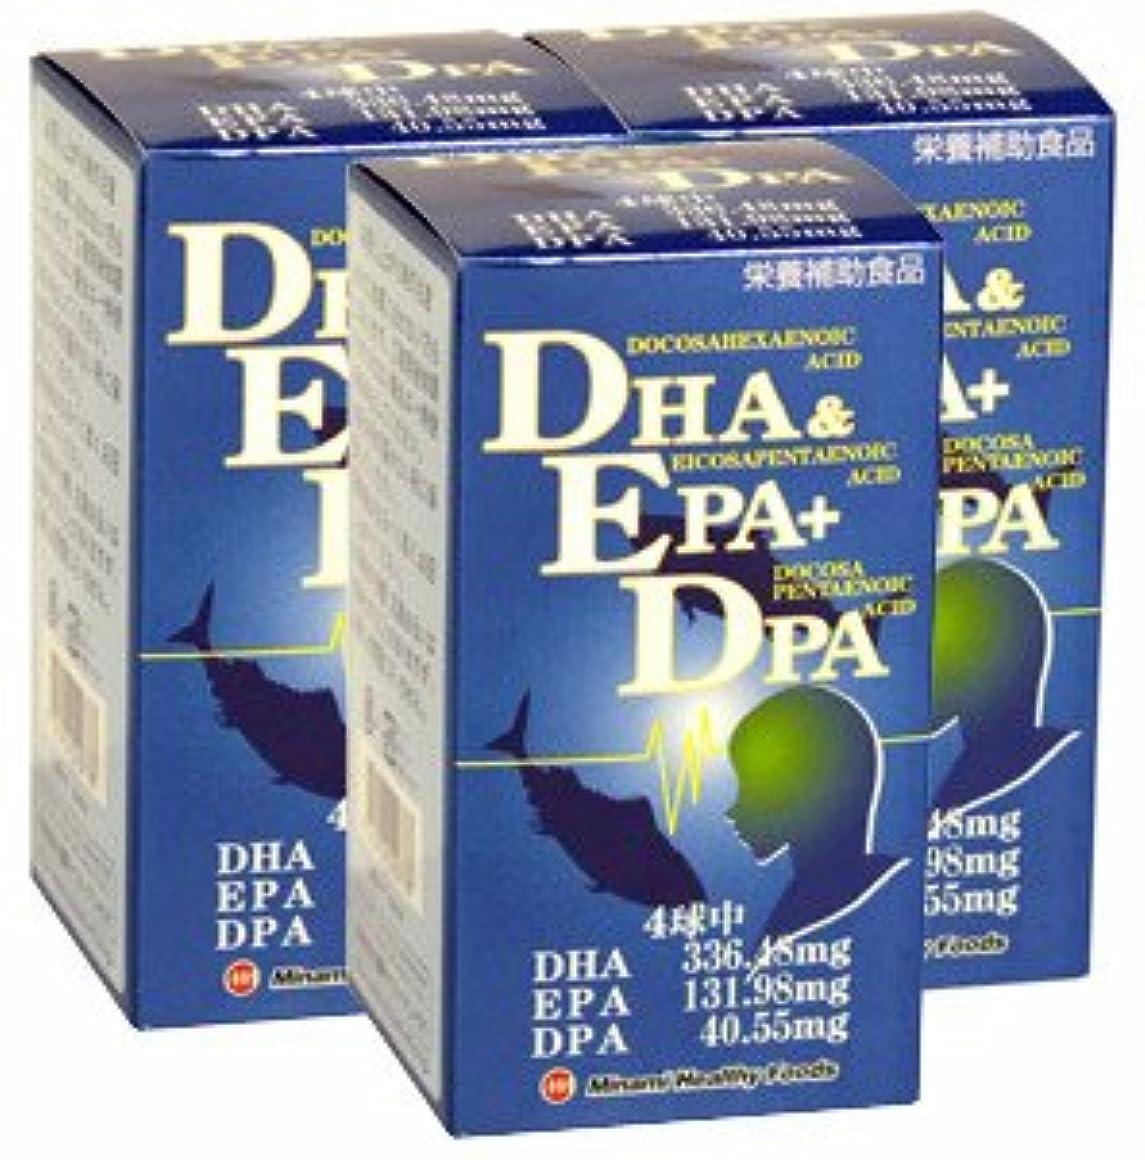 足意識あなたが良くなりますDHA&EPA+DPA【3本セット】ミナミヘルシーフーズ